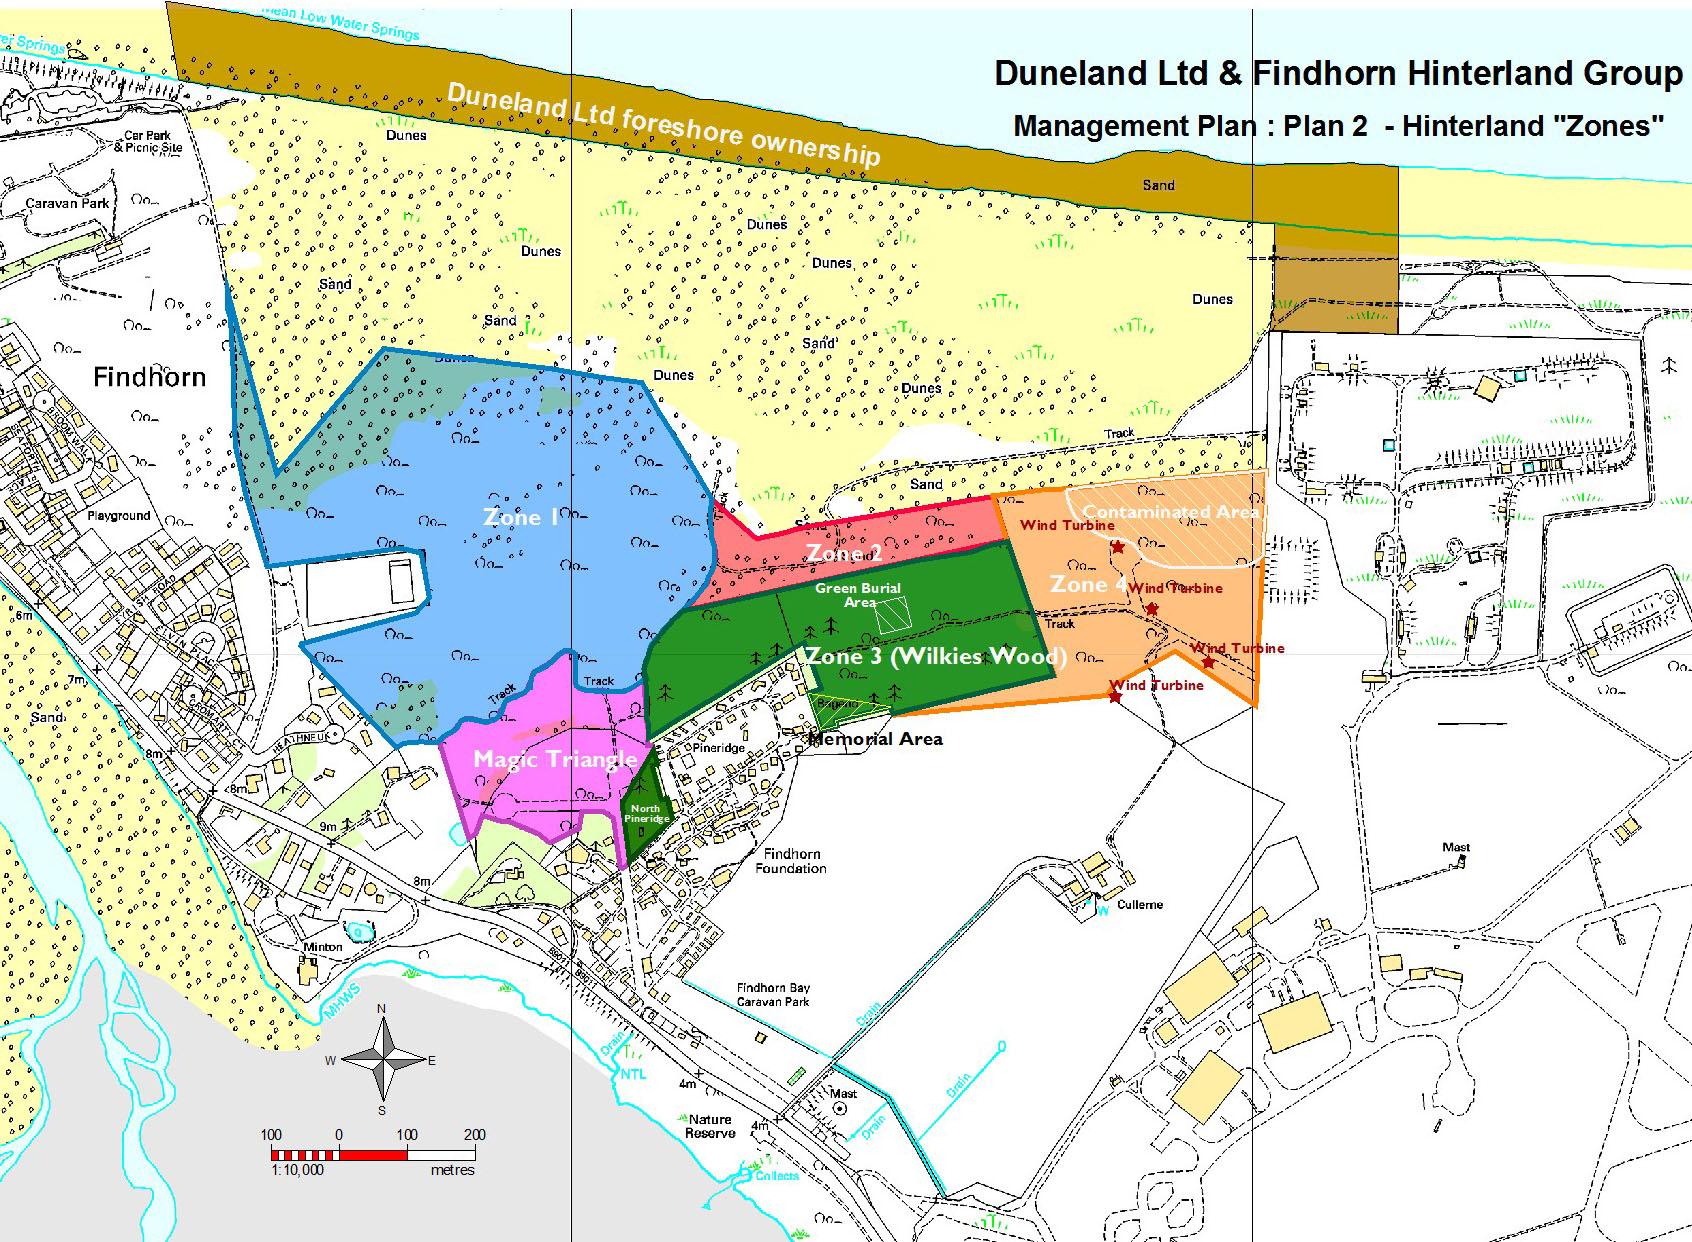 Ecology & Education on map of dunblane scotland, map of wick scotland, map of united kingdom scotland, map of edinburgh scotland, map of fraserburgh scotland, map of gullane scotland, map of cullen scotland, map of dumfries scotland, map of faslane scotland, map of newtonmore scotland, map of moray scotland, map of perth scotland, map of jedburgh scotland, map of cromarty scotland, map of kirkwall scotland, map of lerwick scotland, map of stornoway scotland, map of dunoon scotland, map of arbroath scotland, map of glasgow scotland,